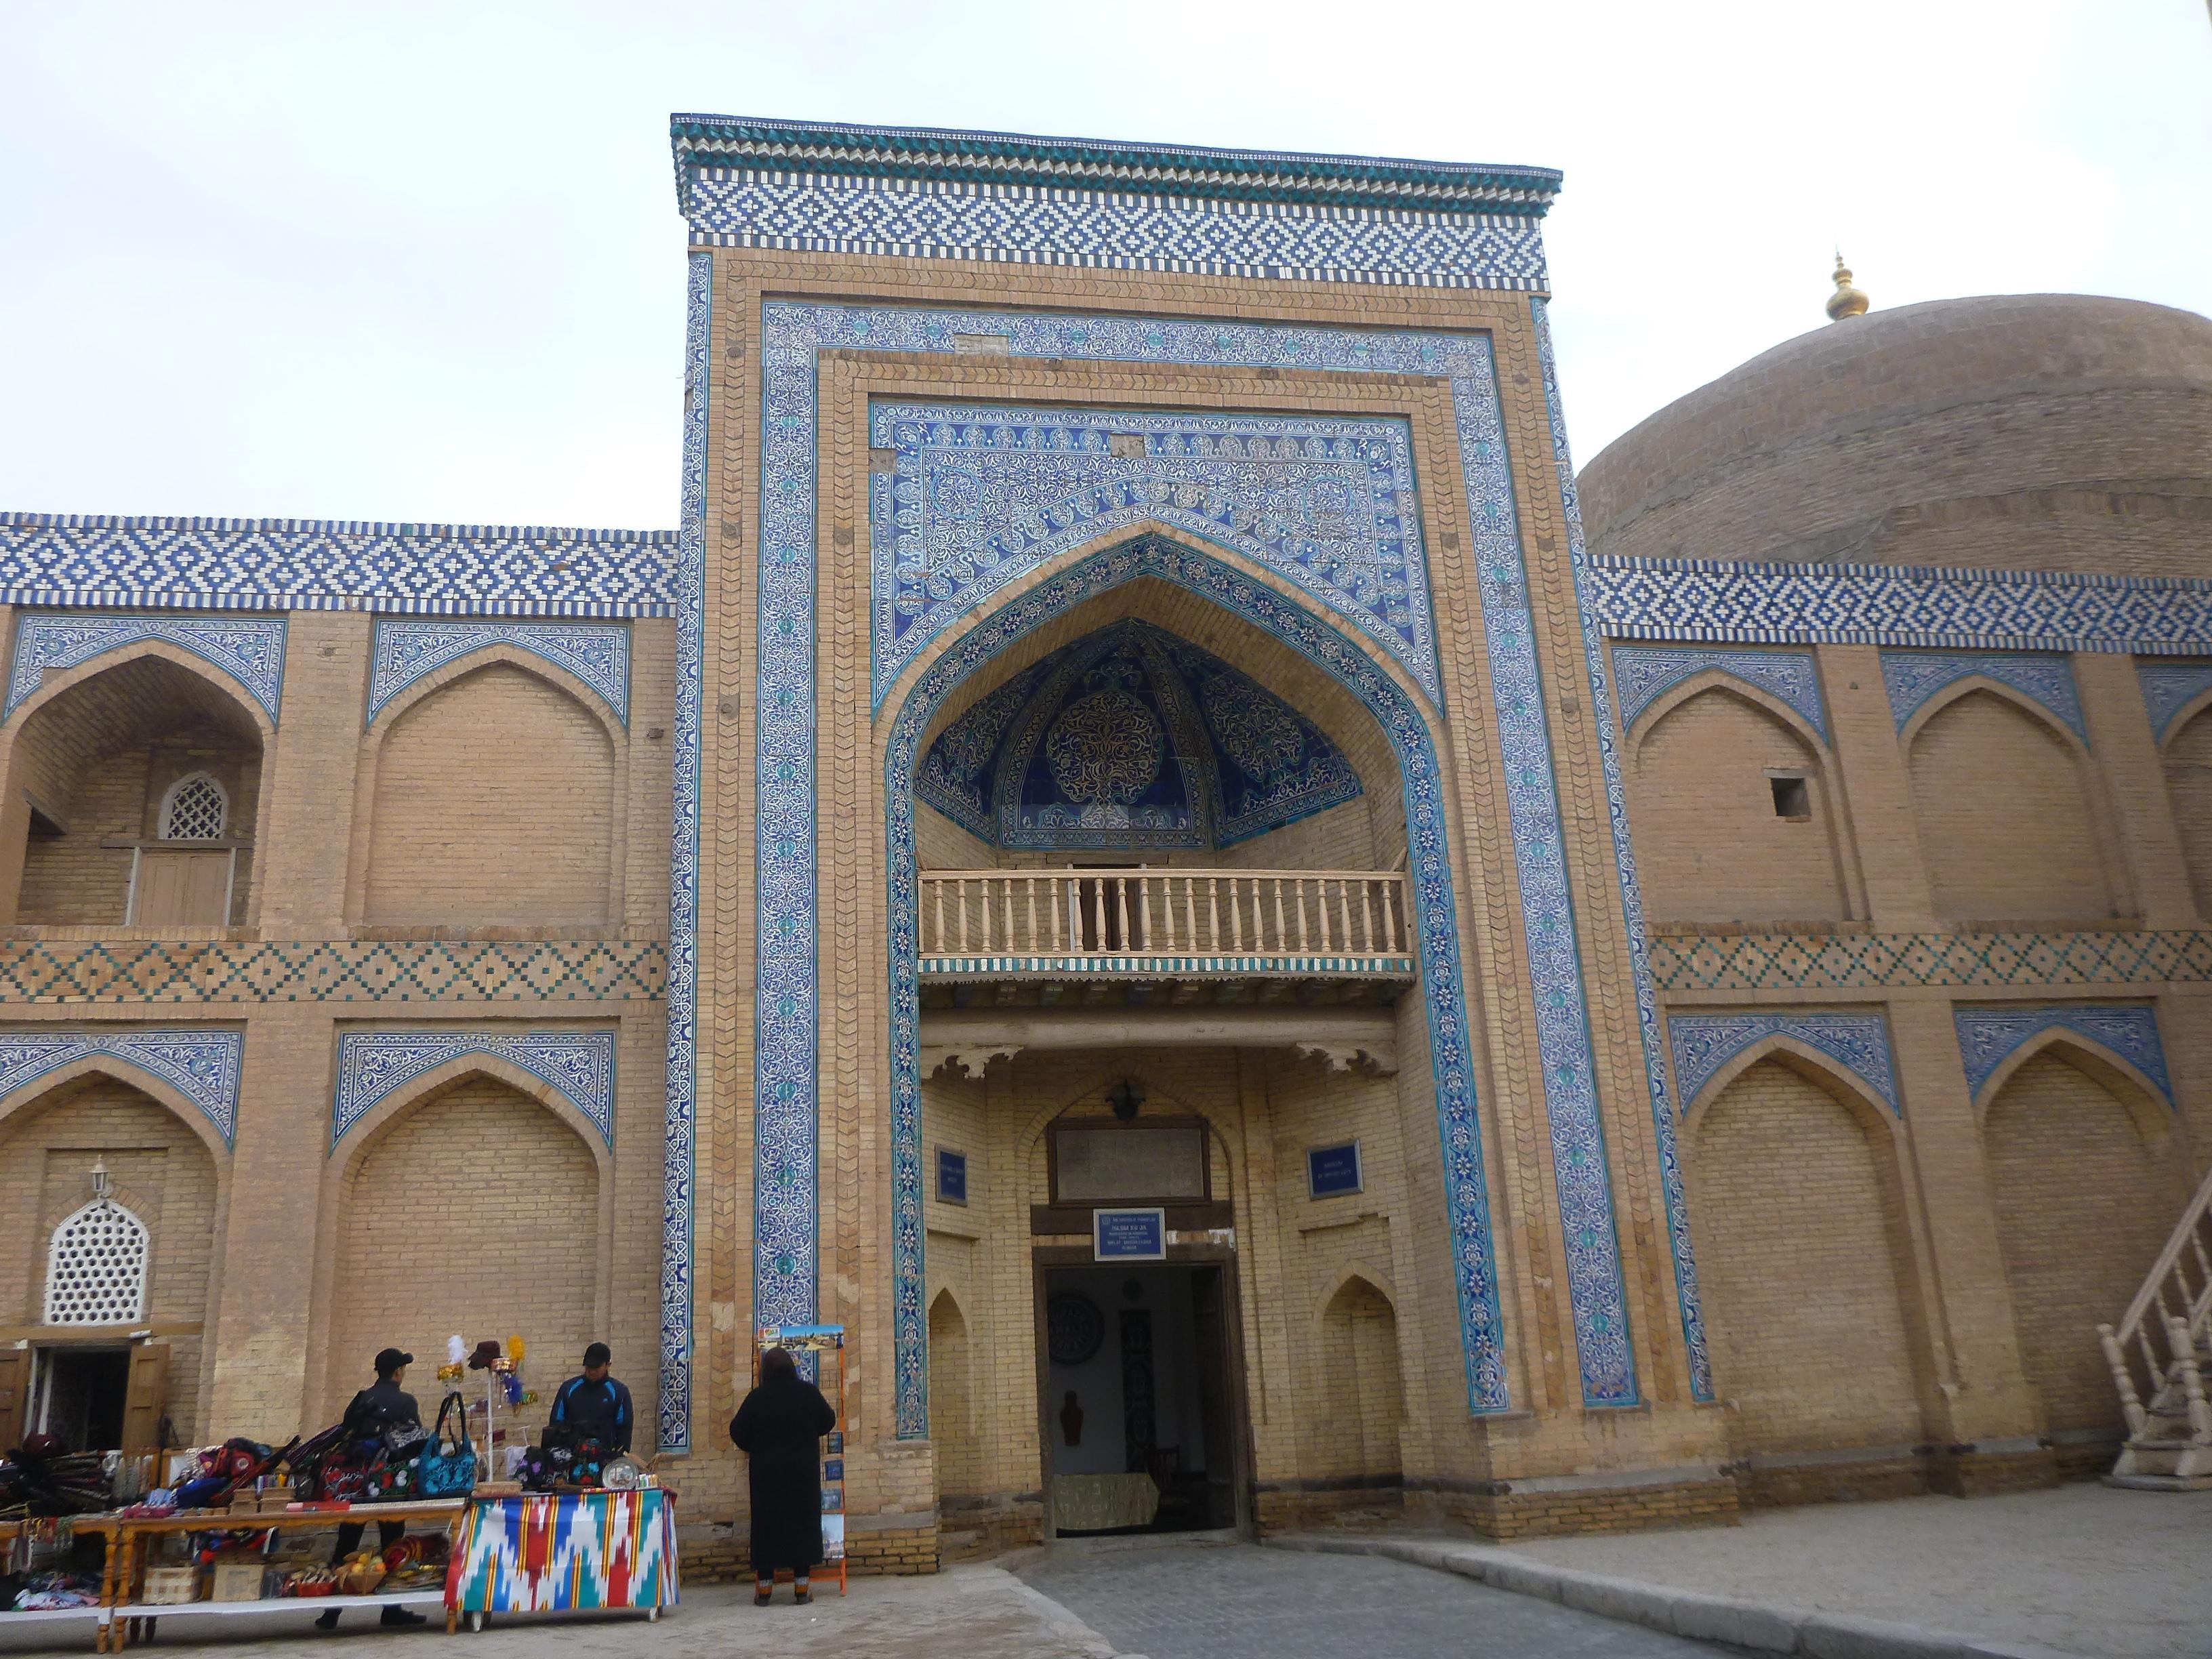 Tadzjikistan dating sites